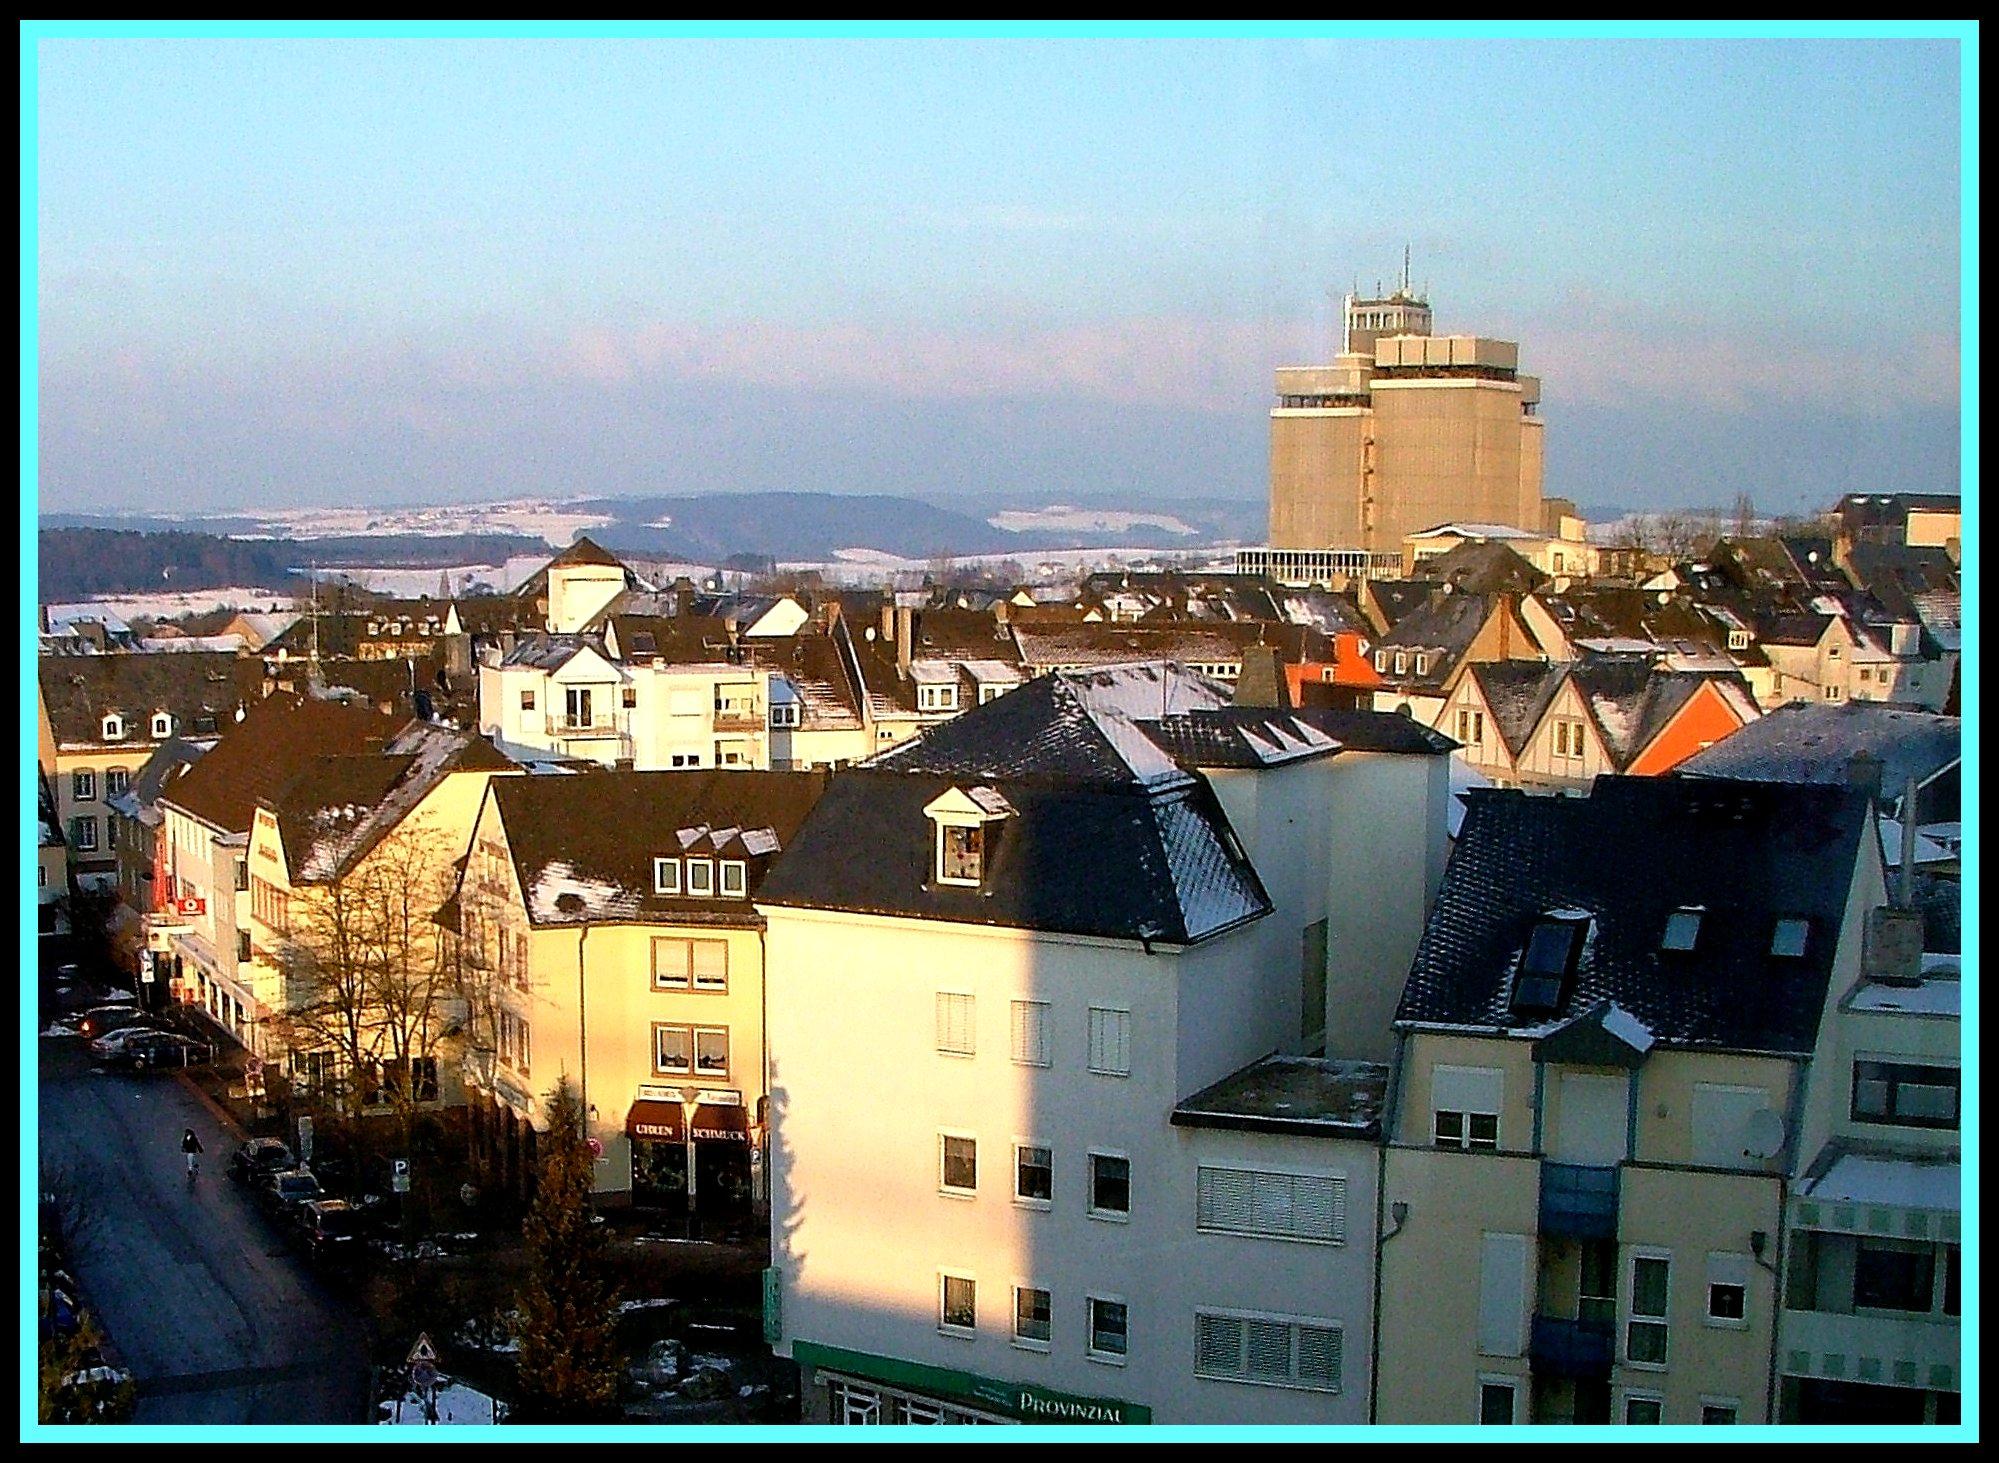 Sehenswürdigkeiten Bitburg, Altstadt Bitburg, Brauerei